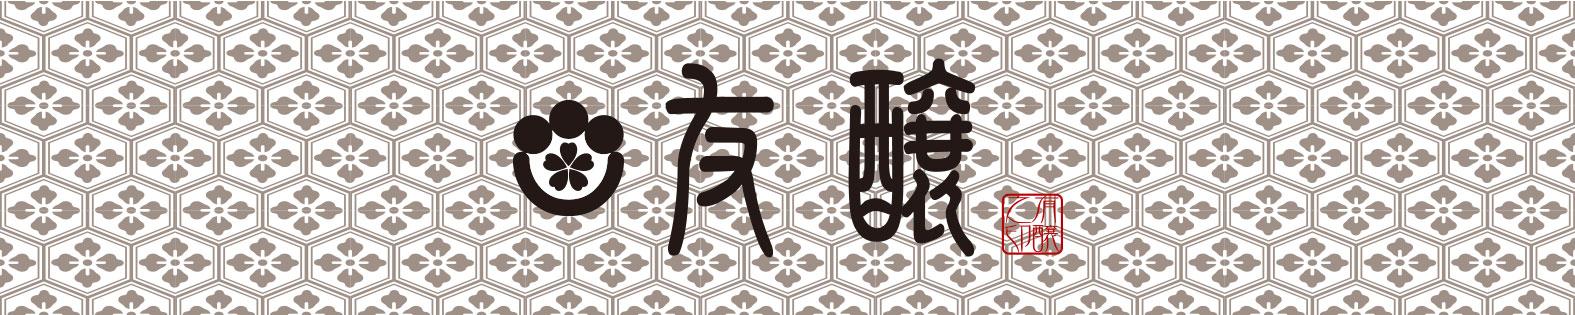 【日本酒】陸奥八仙 特別純米 無濾過生原酒 赤ラベル 限定 新酒26BY ※厳選店先行発売ver!_e0173738_10195491.jpg